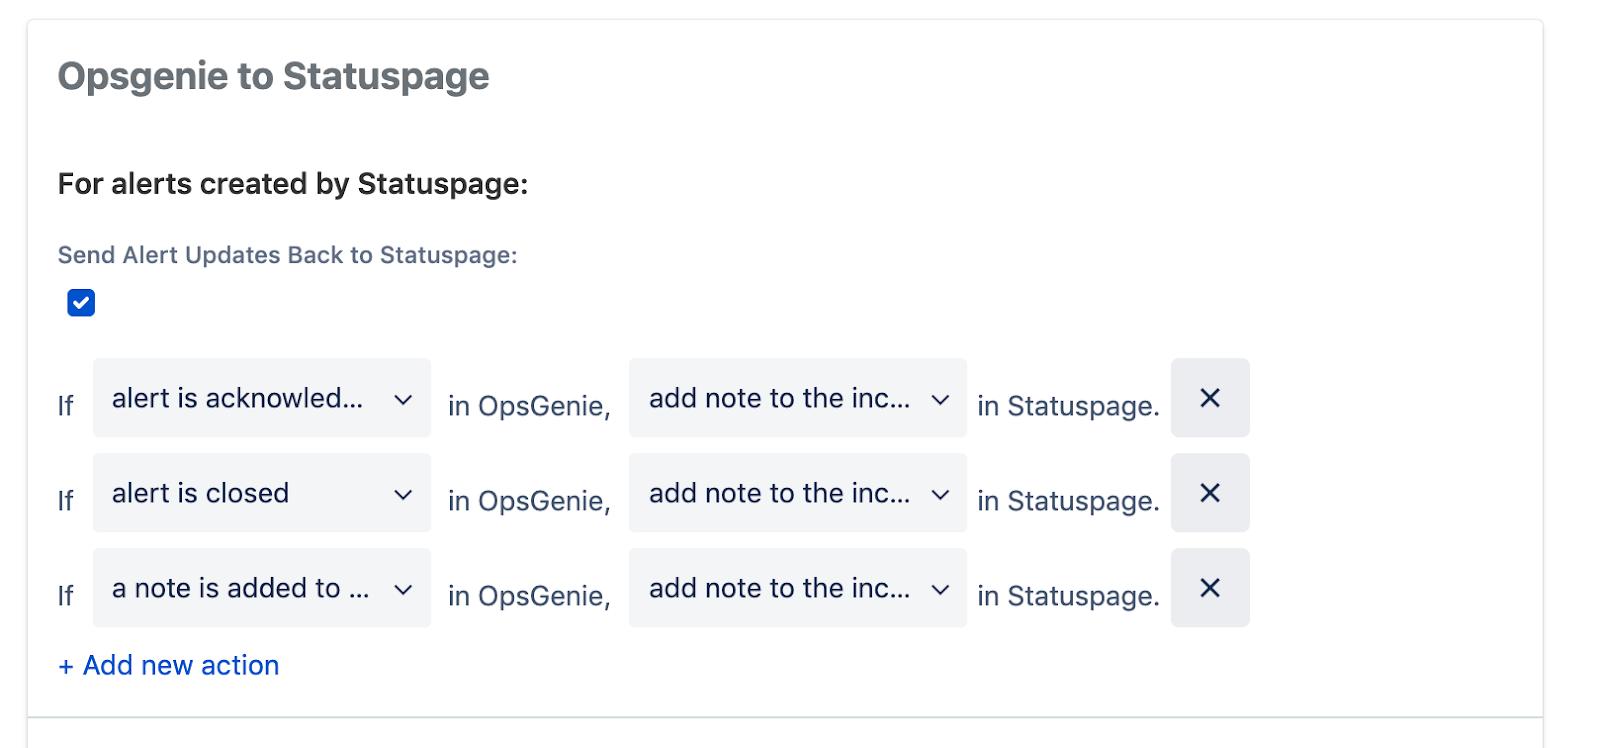 Warnmeldungen von Opsgenie an Statuspage